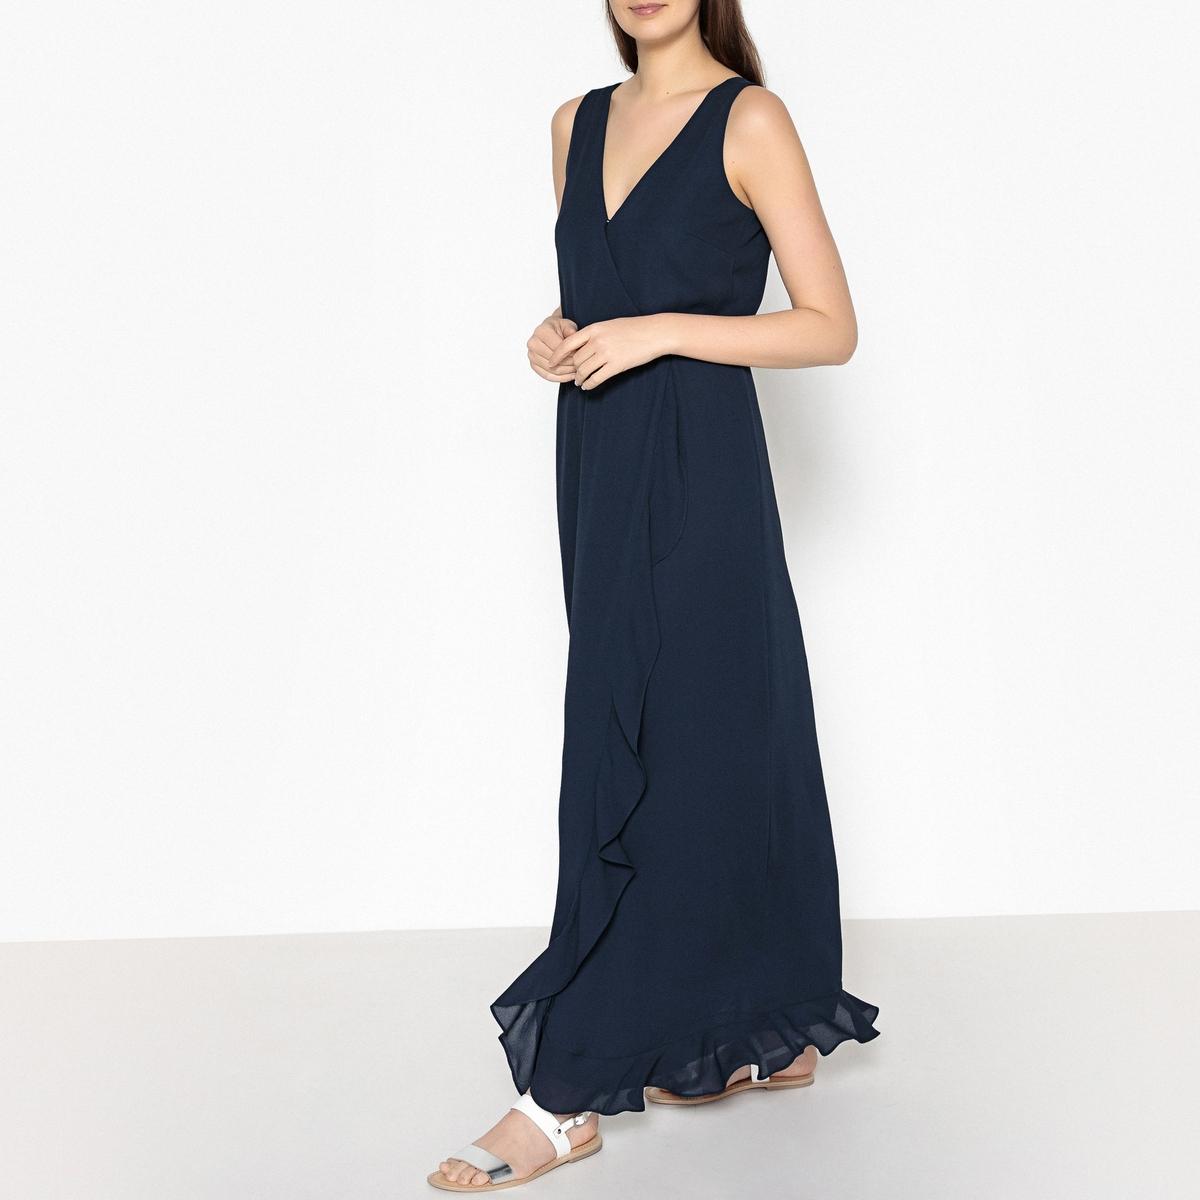 Платье коктейльное длинное без рукавов LIMON коктейльное платье star vestido v royal blue dd